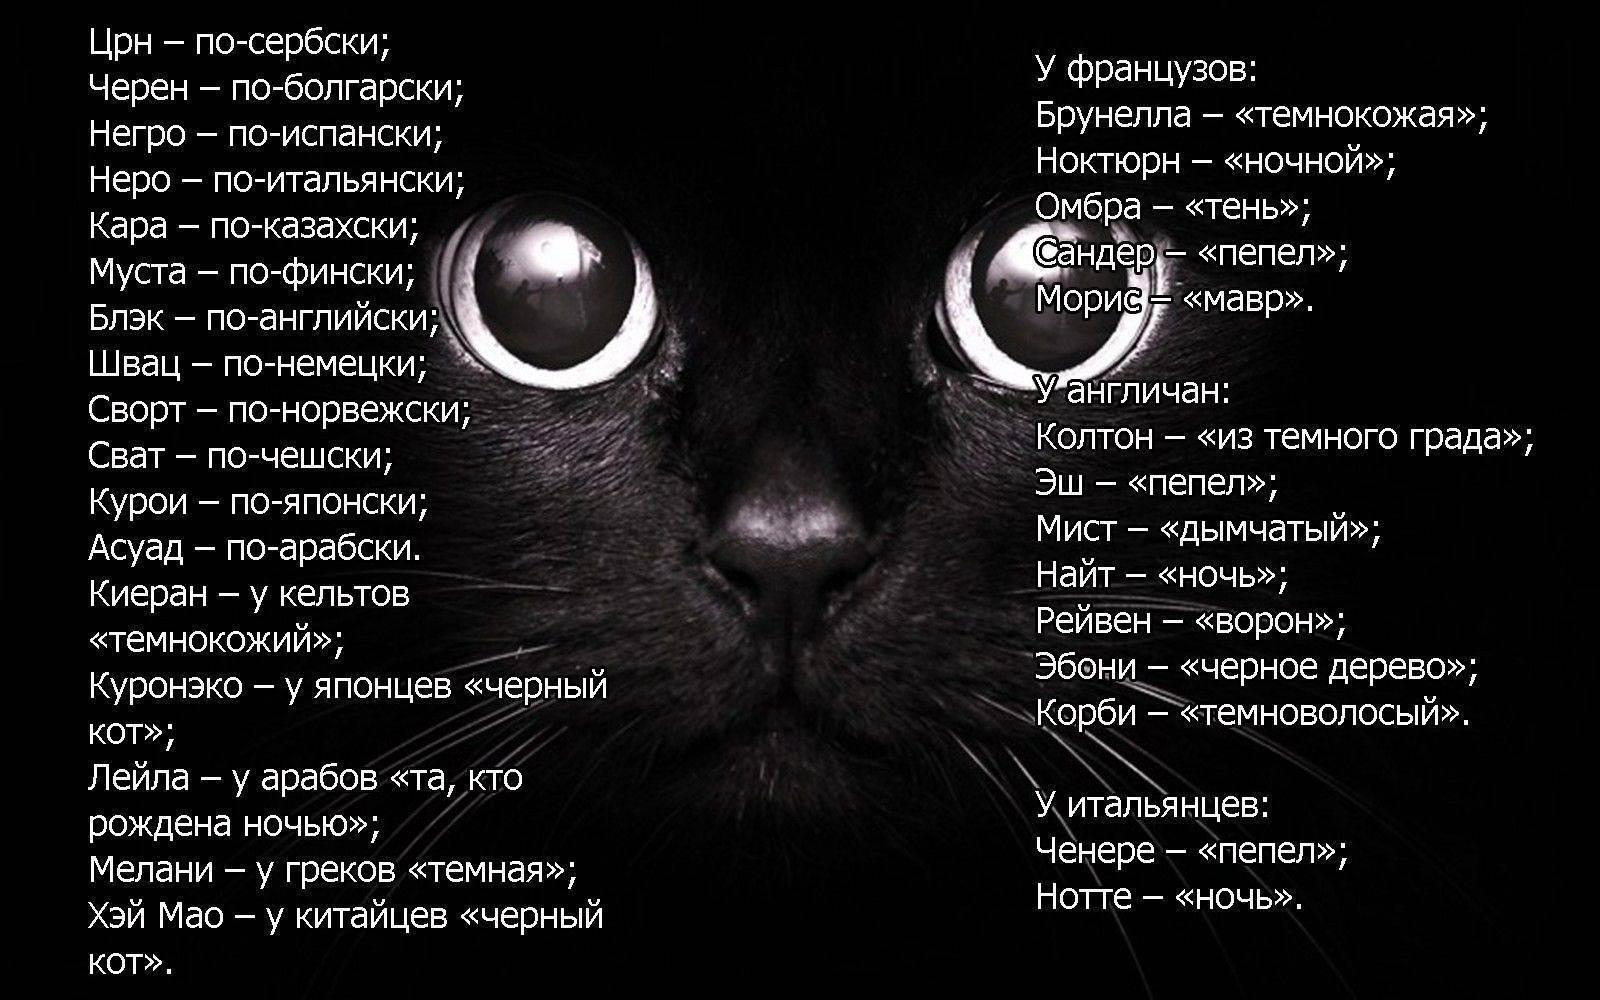 Как можно прикольно назвать кошку?